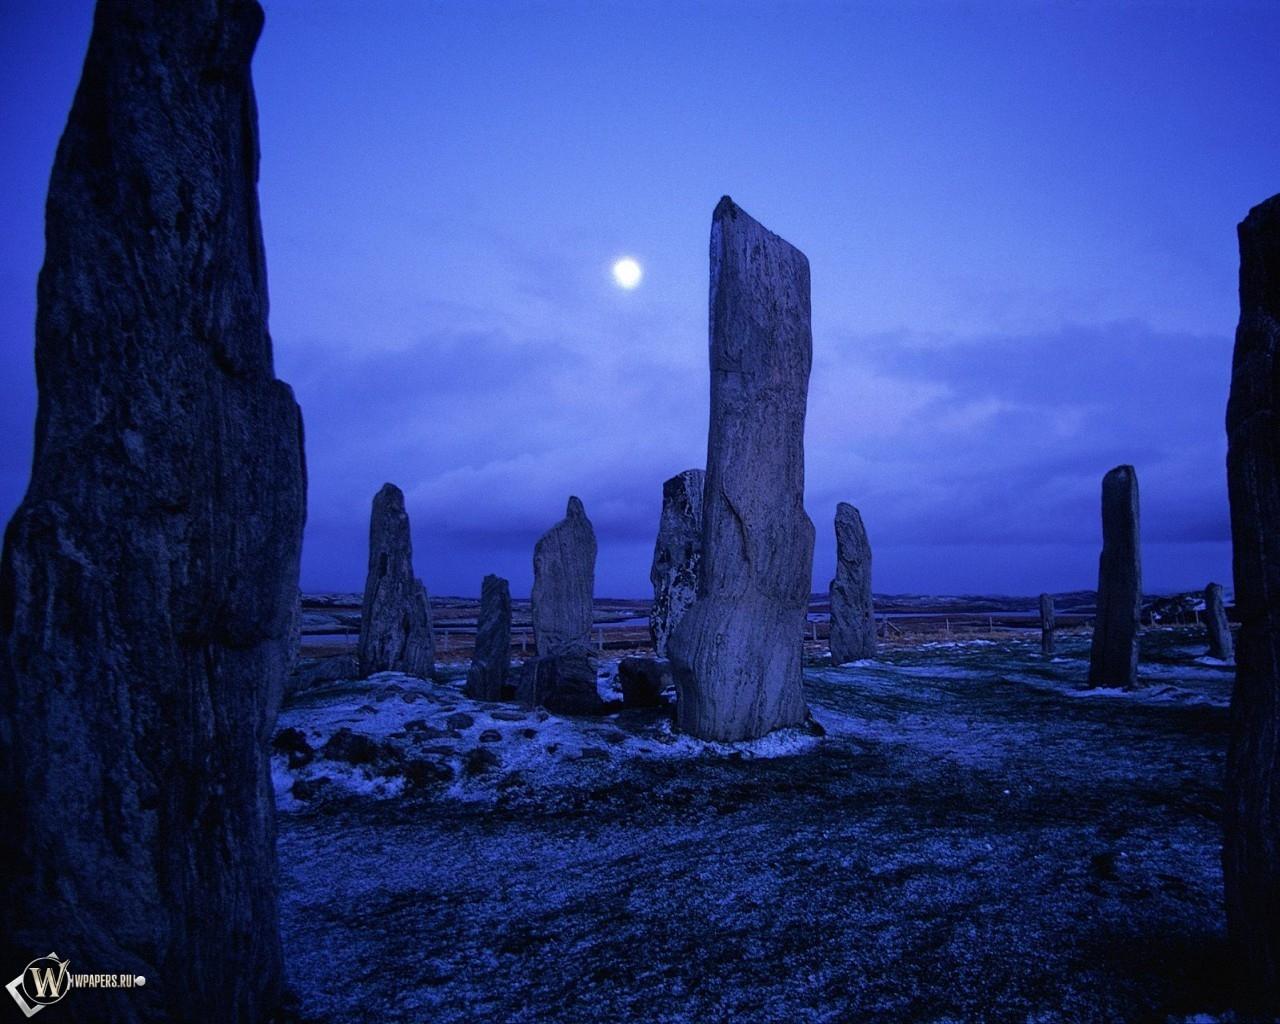 Камни синей ночью 1280x1024